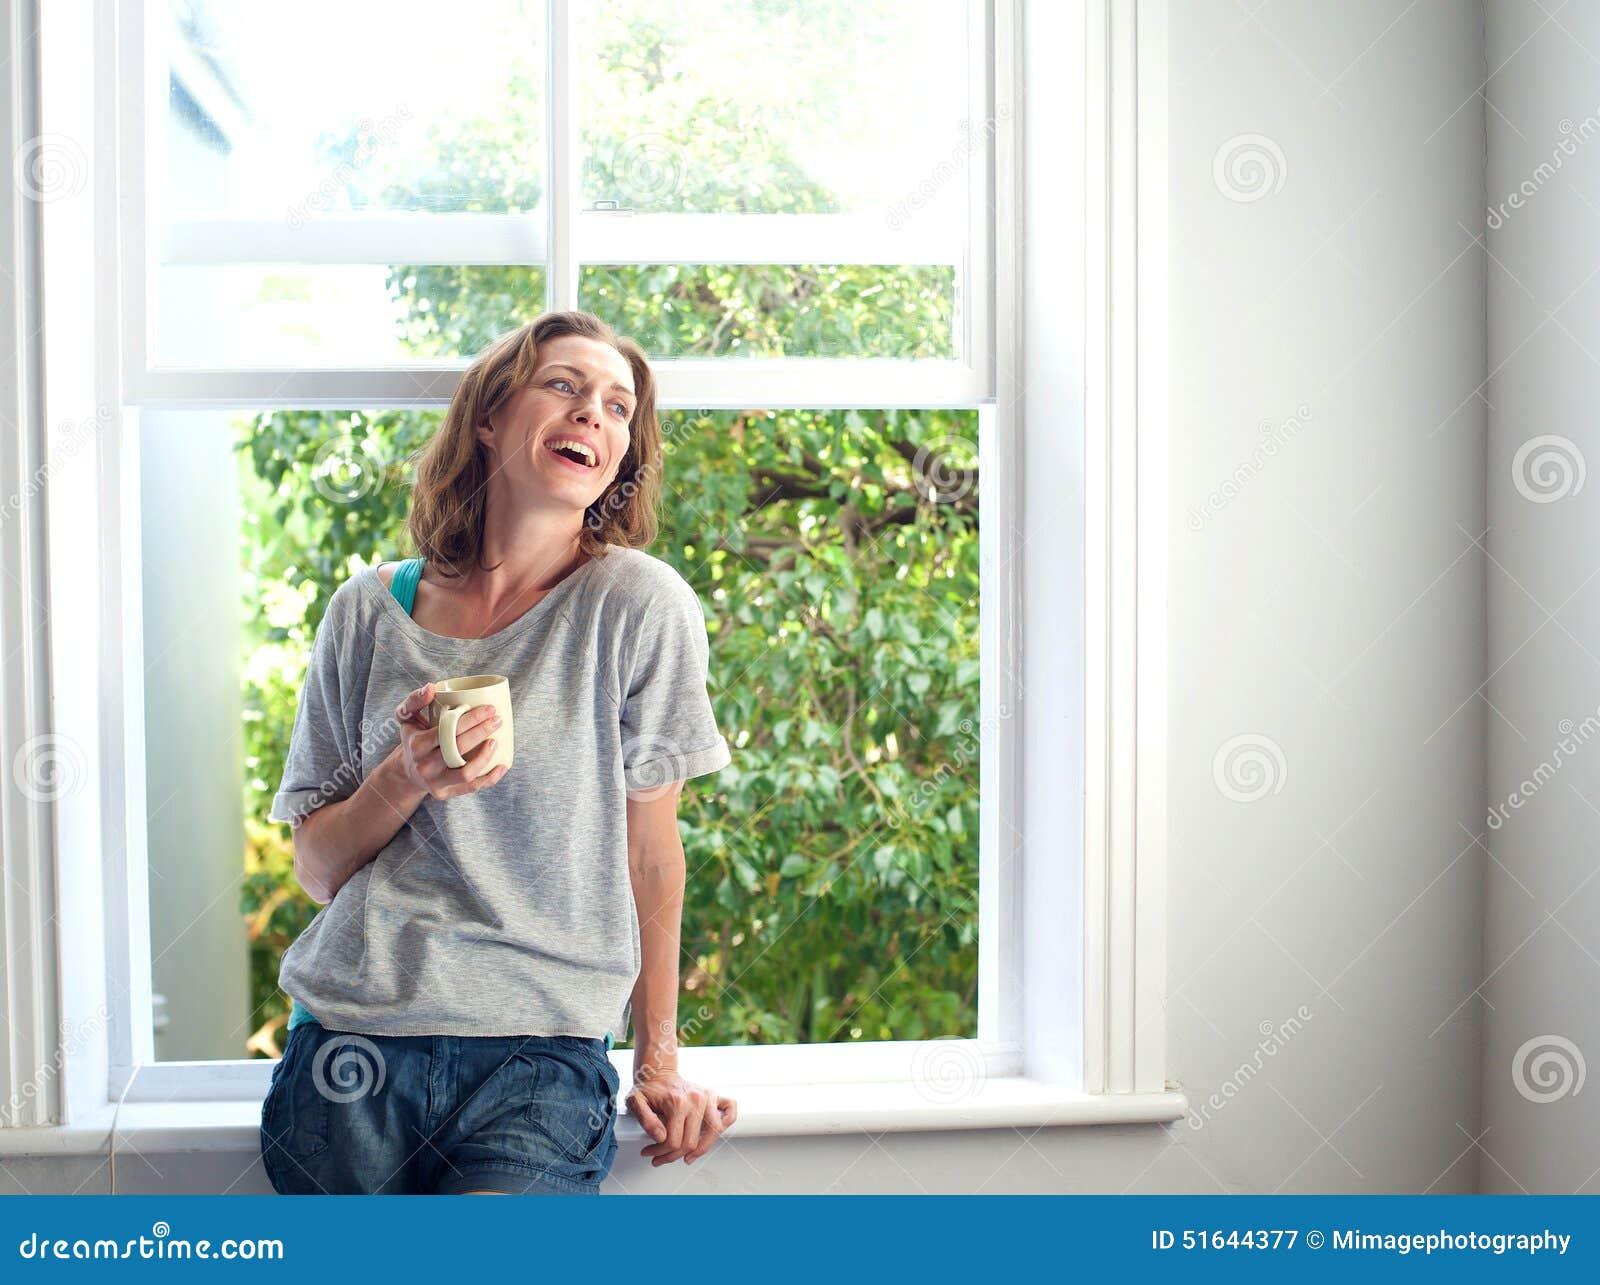 Glückliche Frau Die Zu Hause Mit Einem Tasse Kaffee Lacht